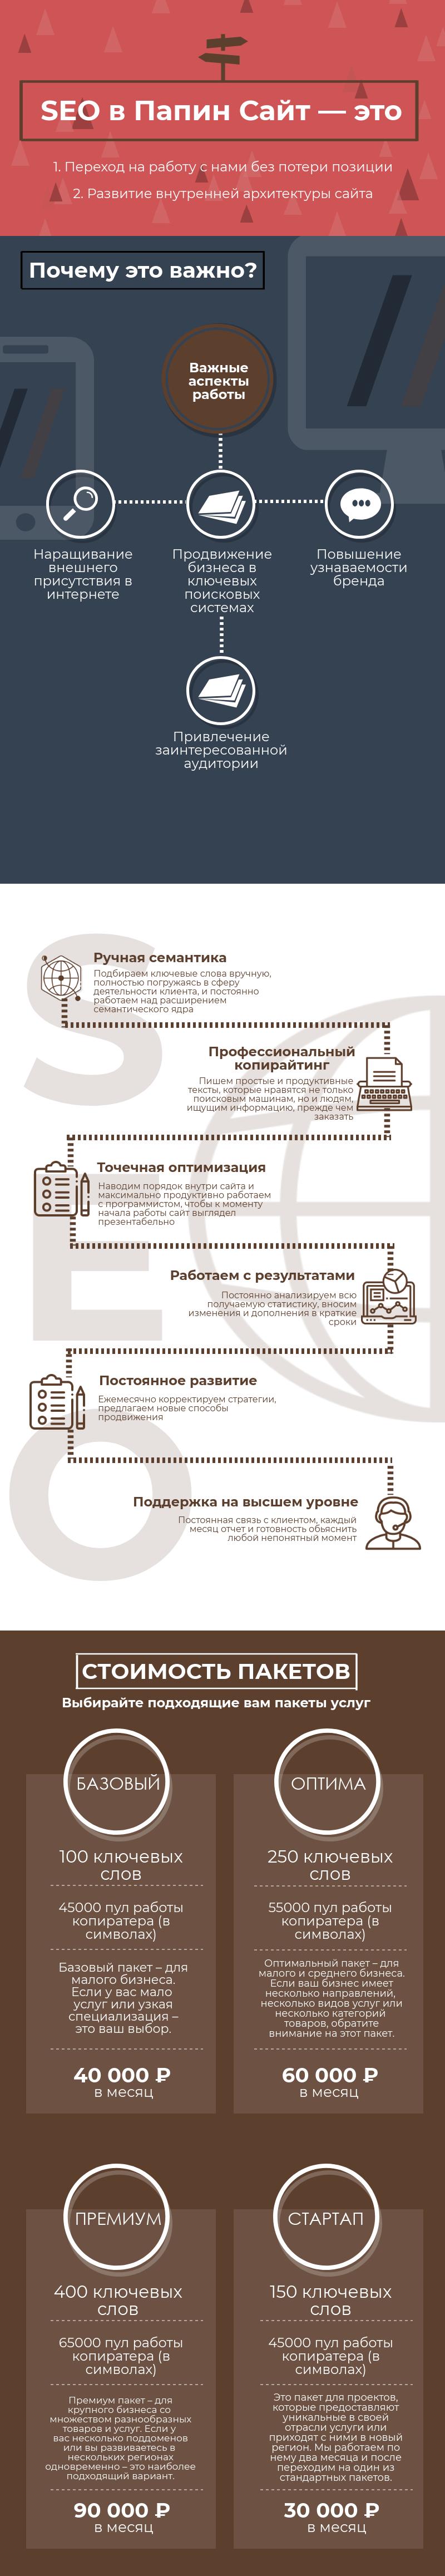 SEO продвижение в Ярославле веб студия папин сайт